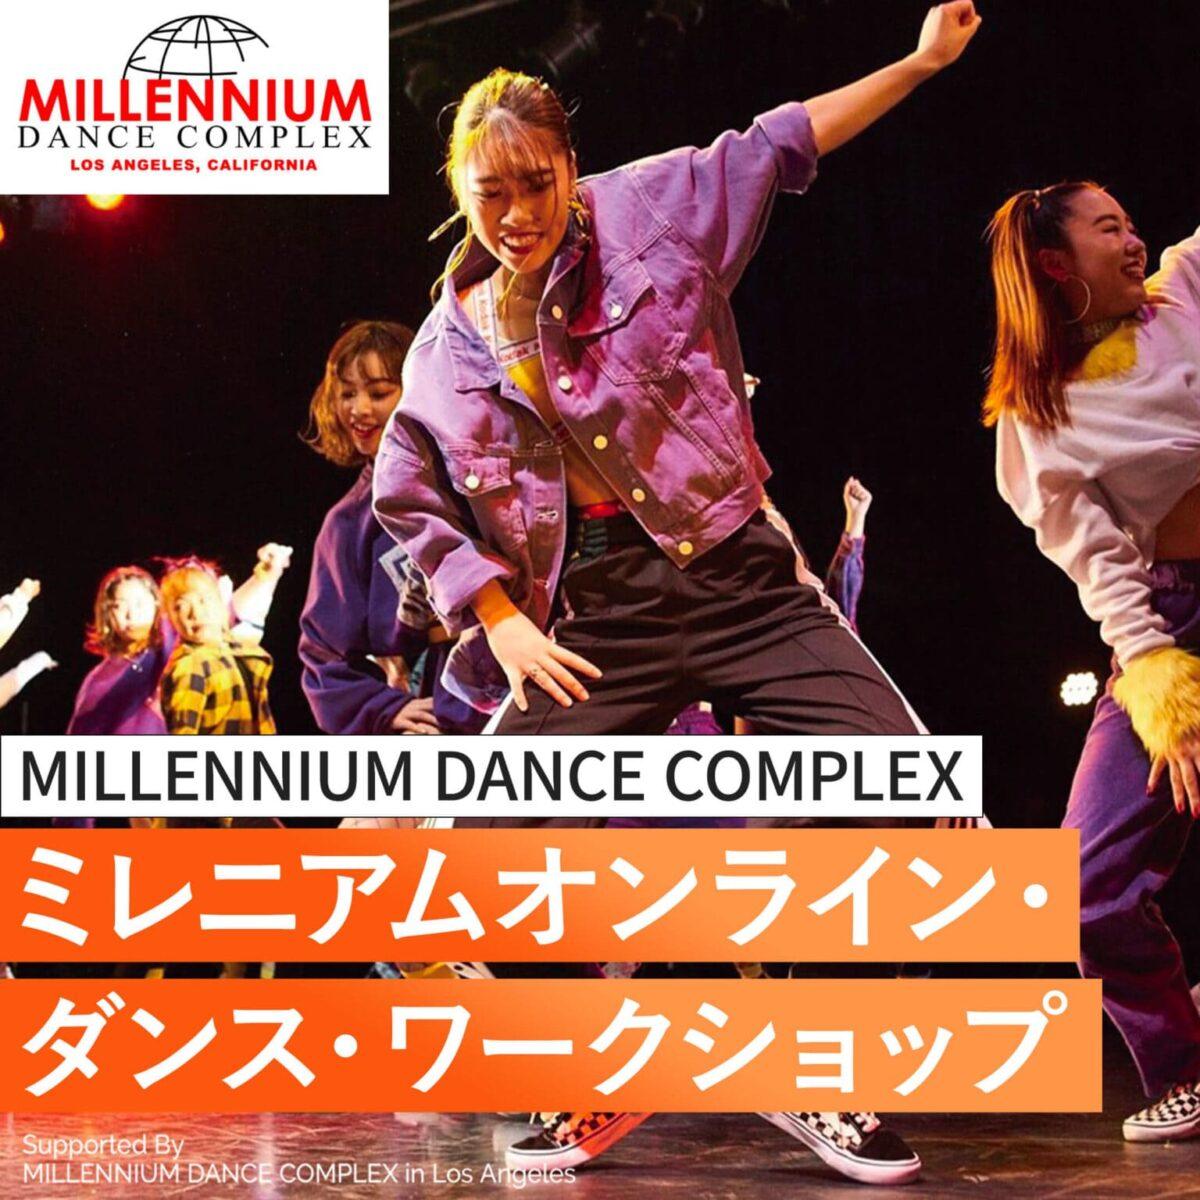 【オンライン】ミレニアム オンライン・ダンス・ワークショップ